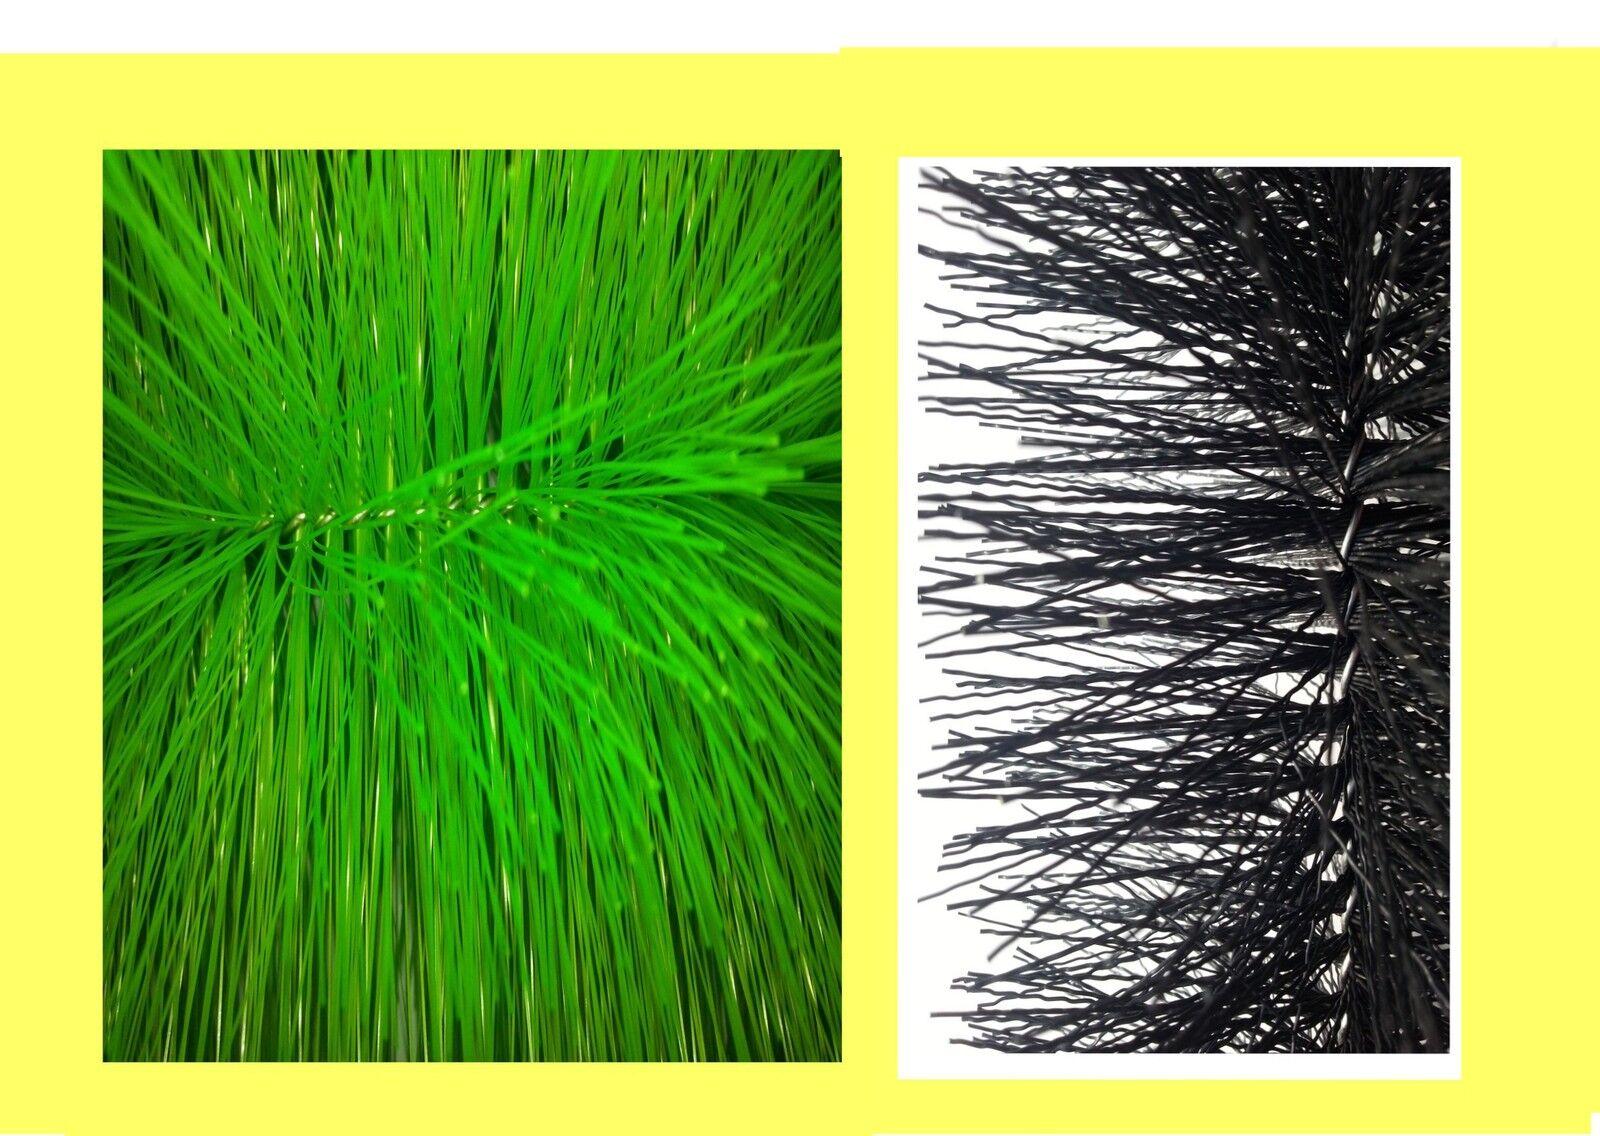 Filtro cepillos set 5 x fino y 5 x grob 60 cm de largo ø15 cm koiteich filtro de estanque